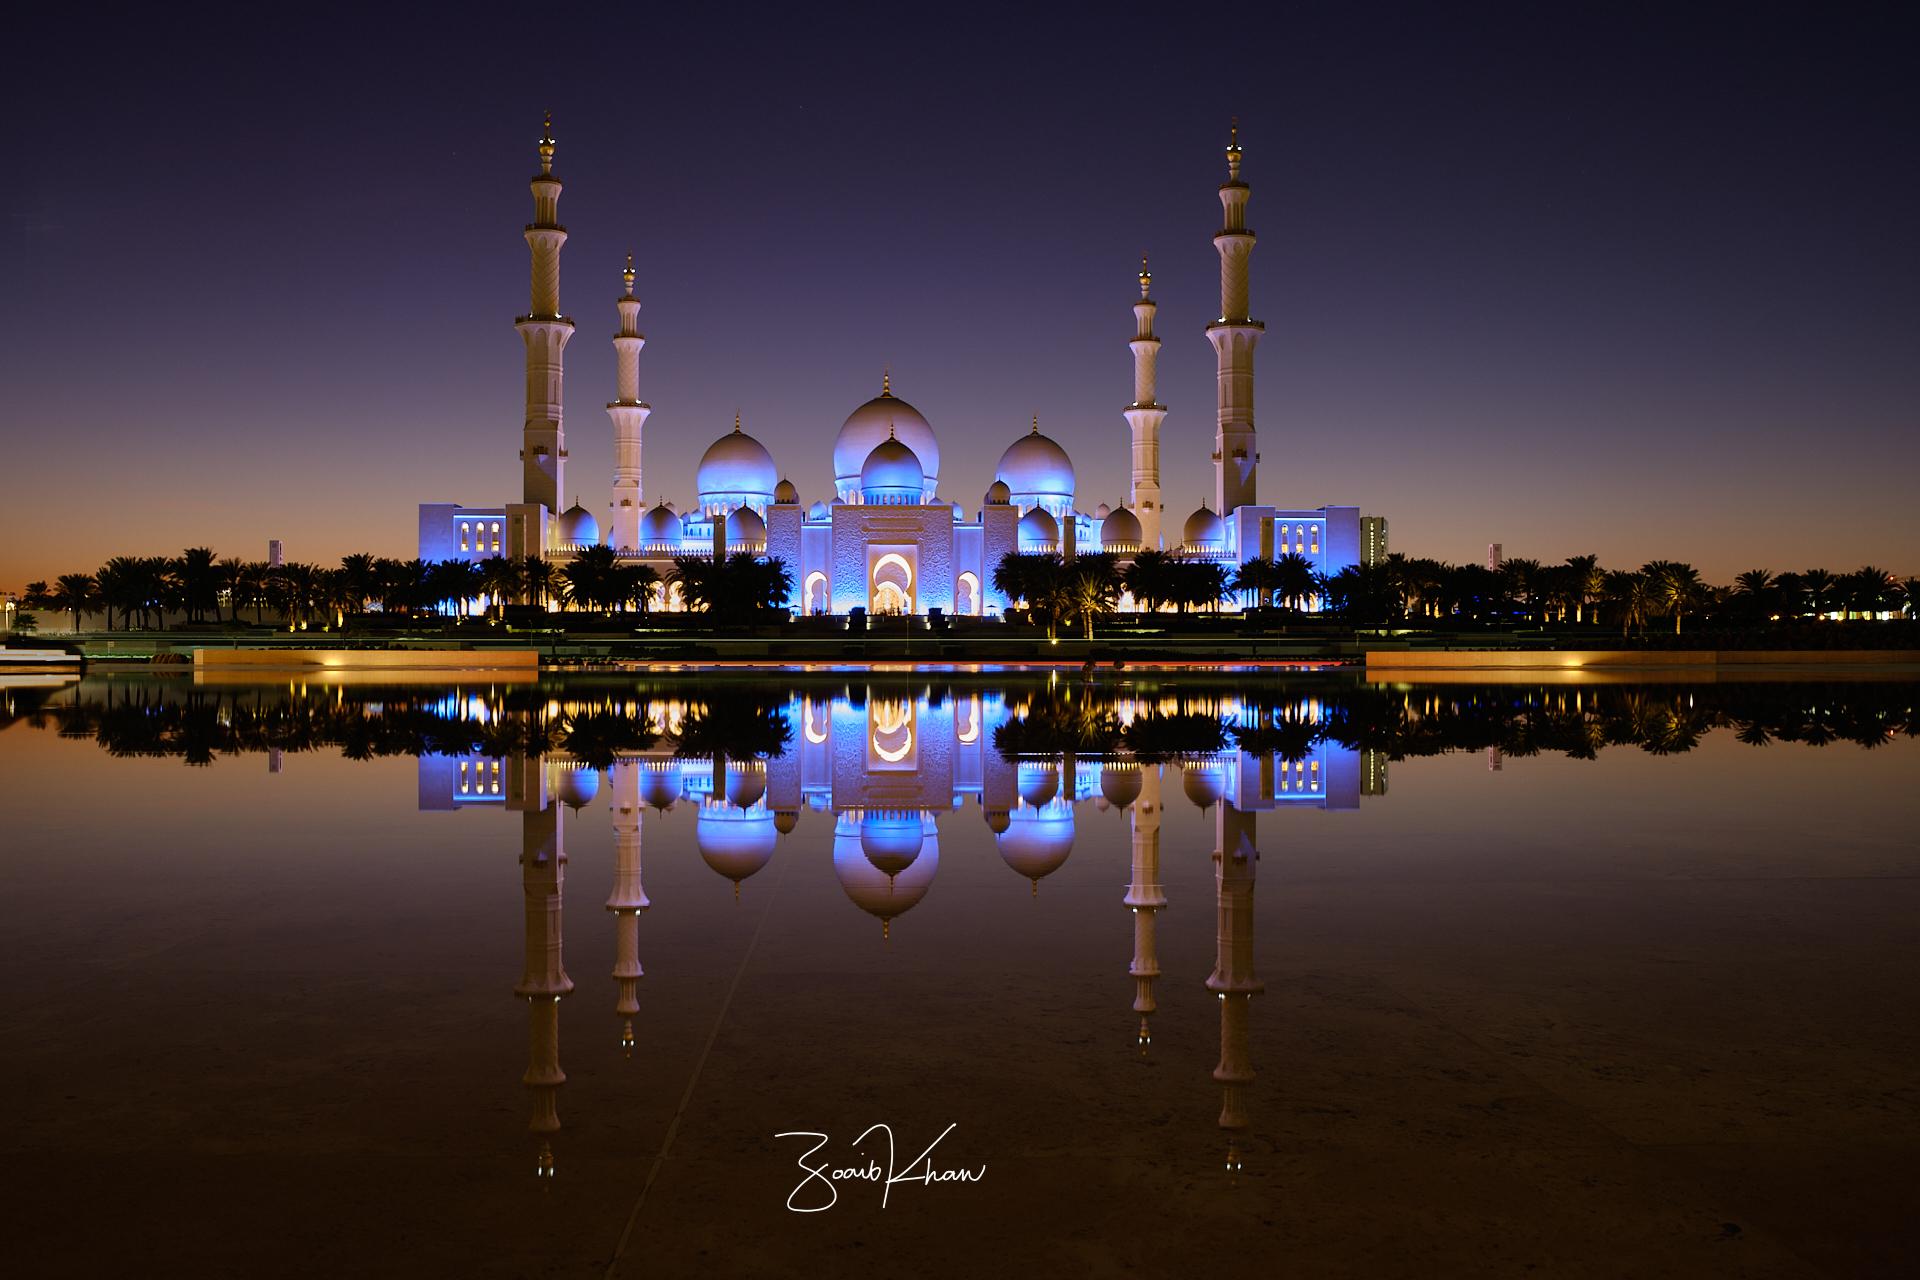 Shaikh Zayed Grand Mosque, United Arab Emirates